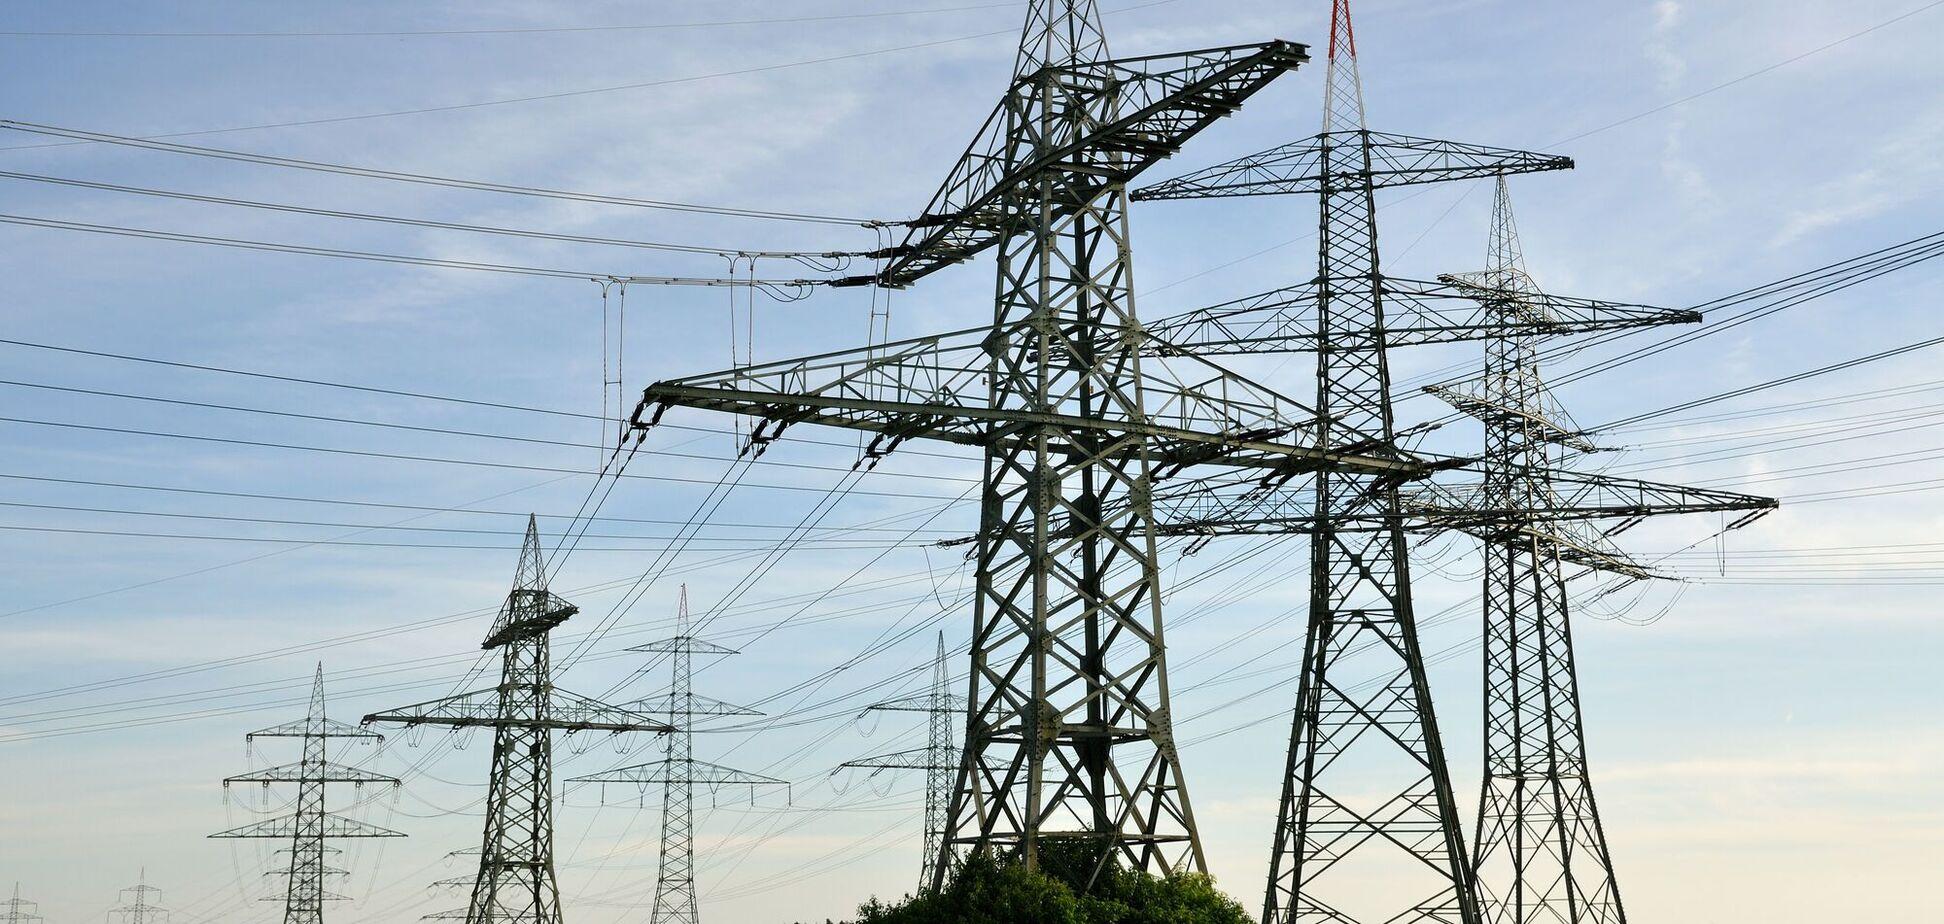 'Розумні' мережі або Smart Grid дозволять розв'язати багато проблем енергетики